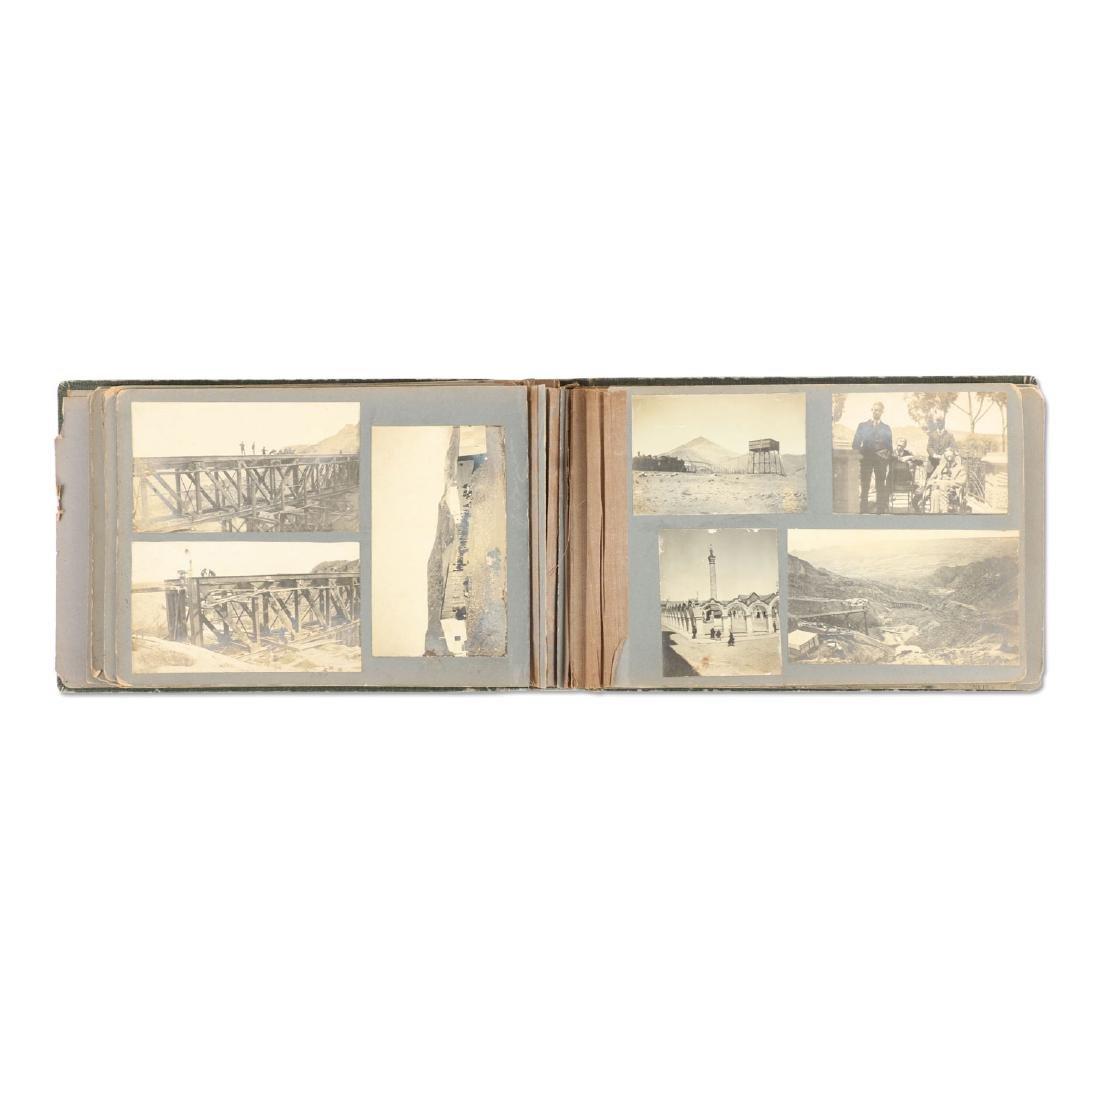 C.1900 Bolivian Mining Prospector Photo Album